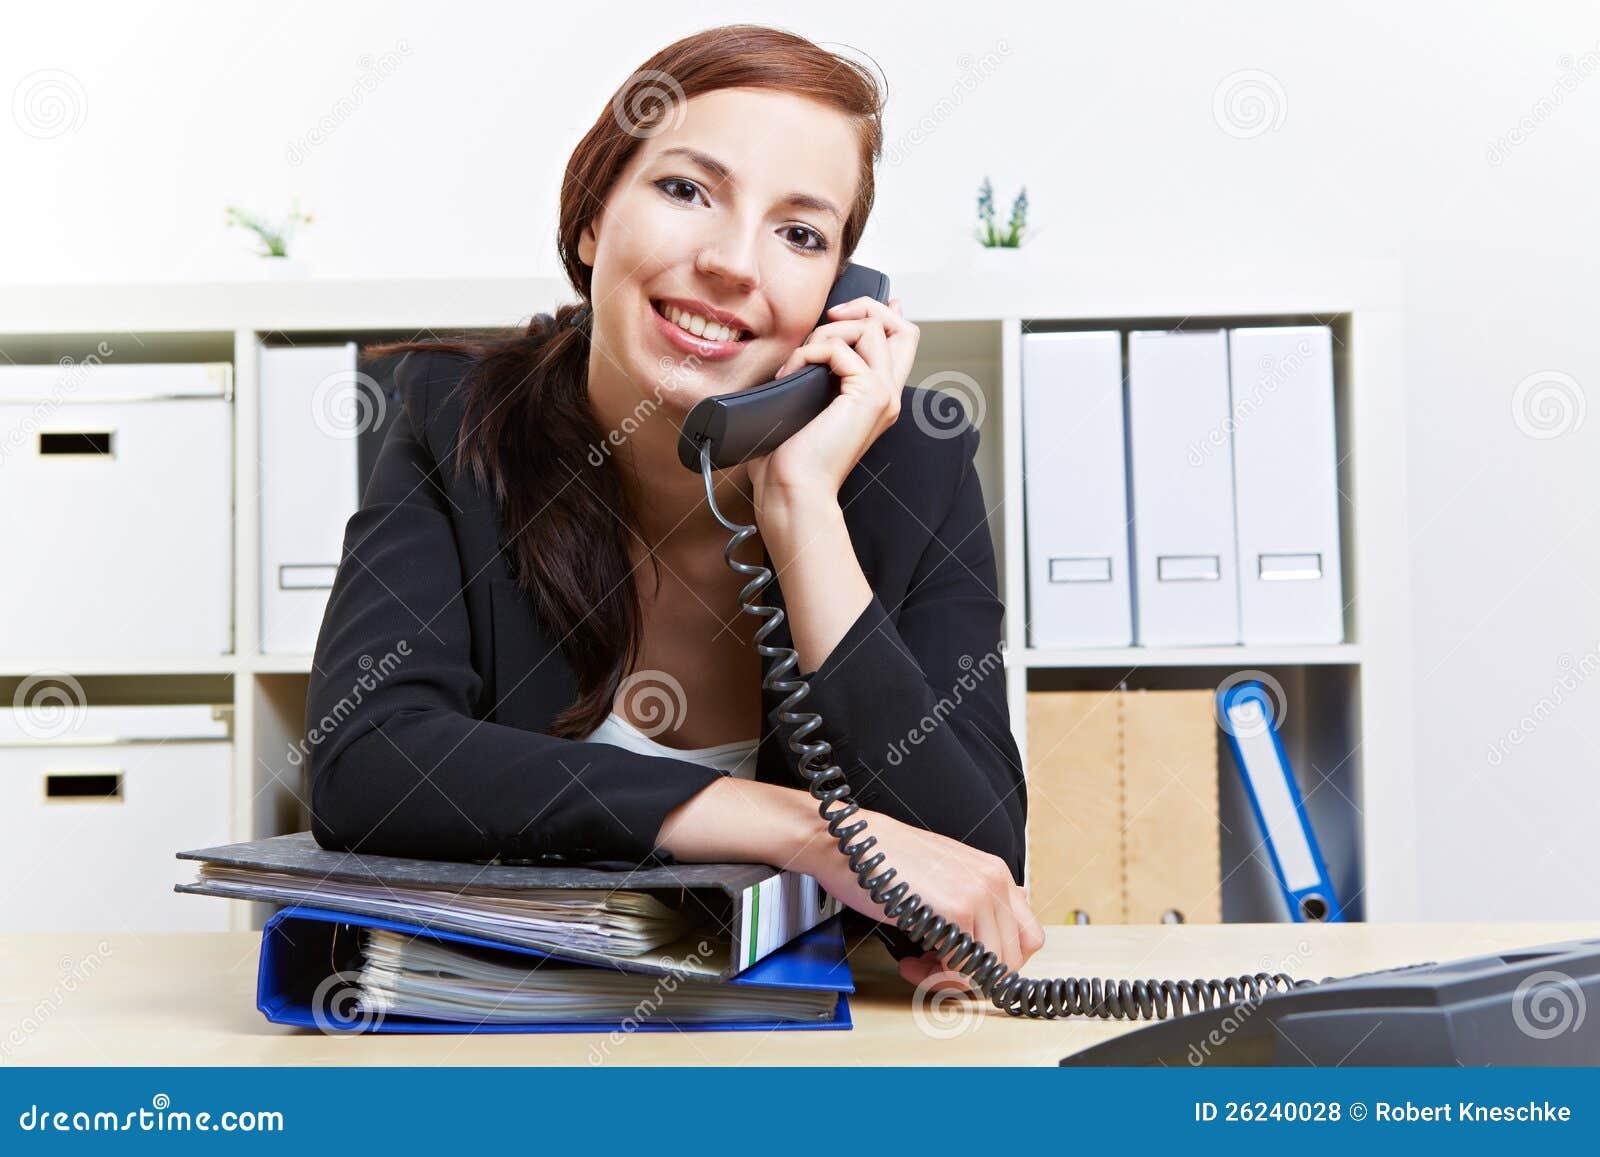 call phone free women girl